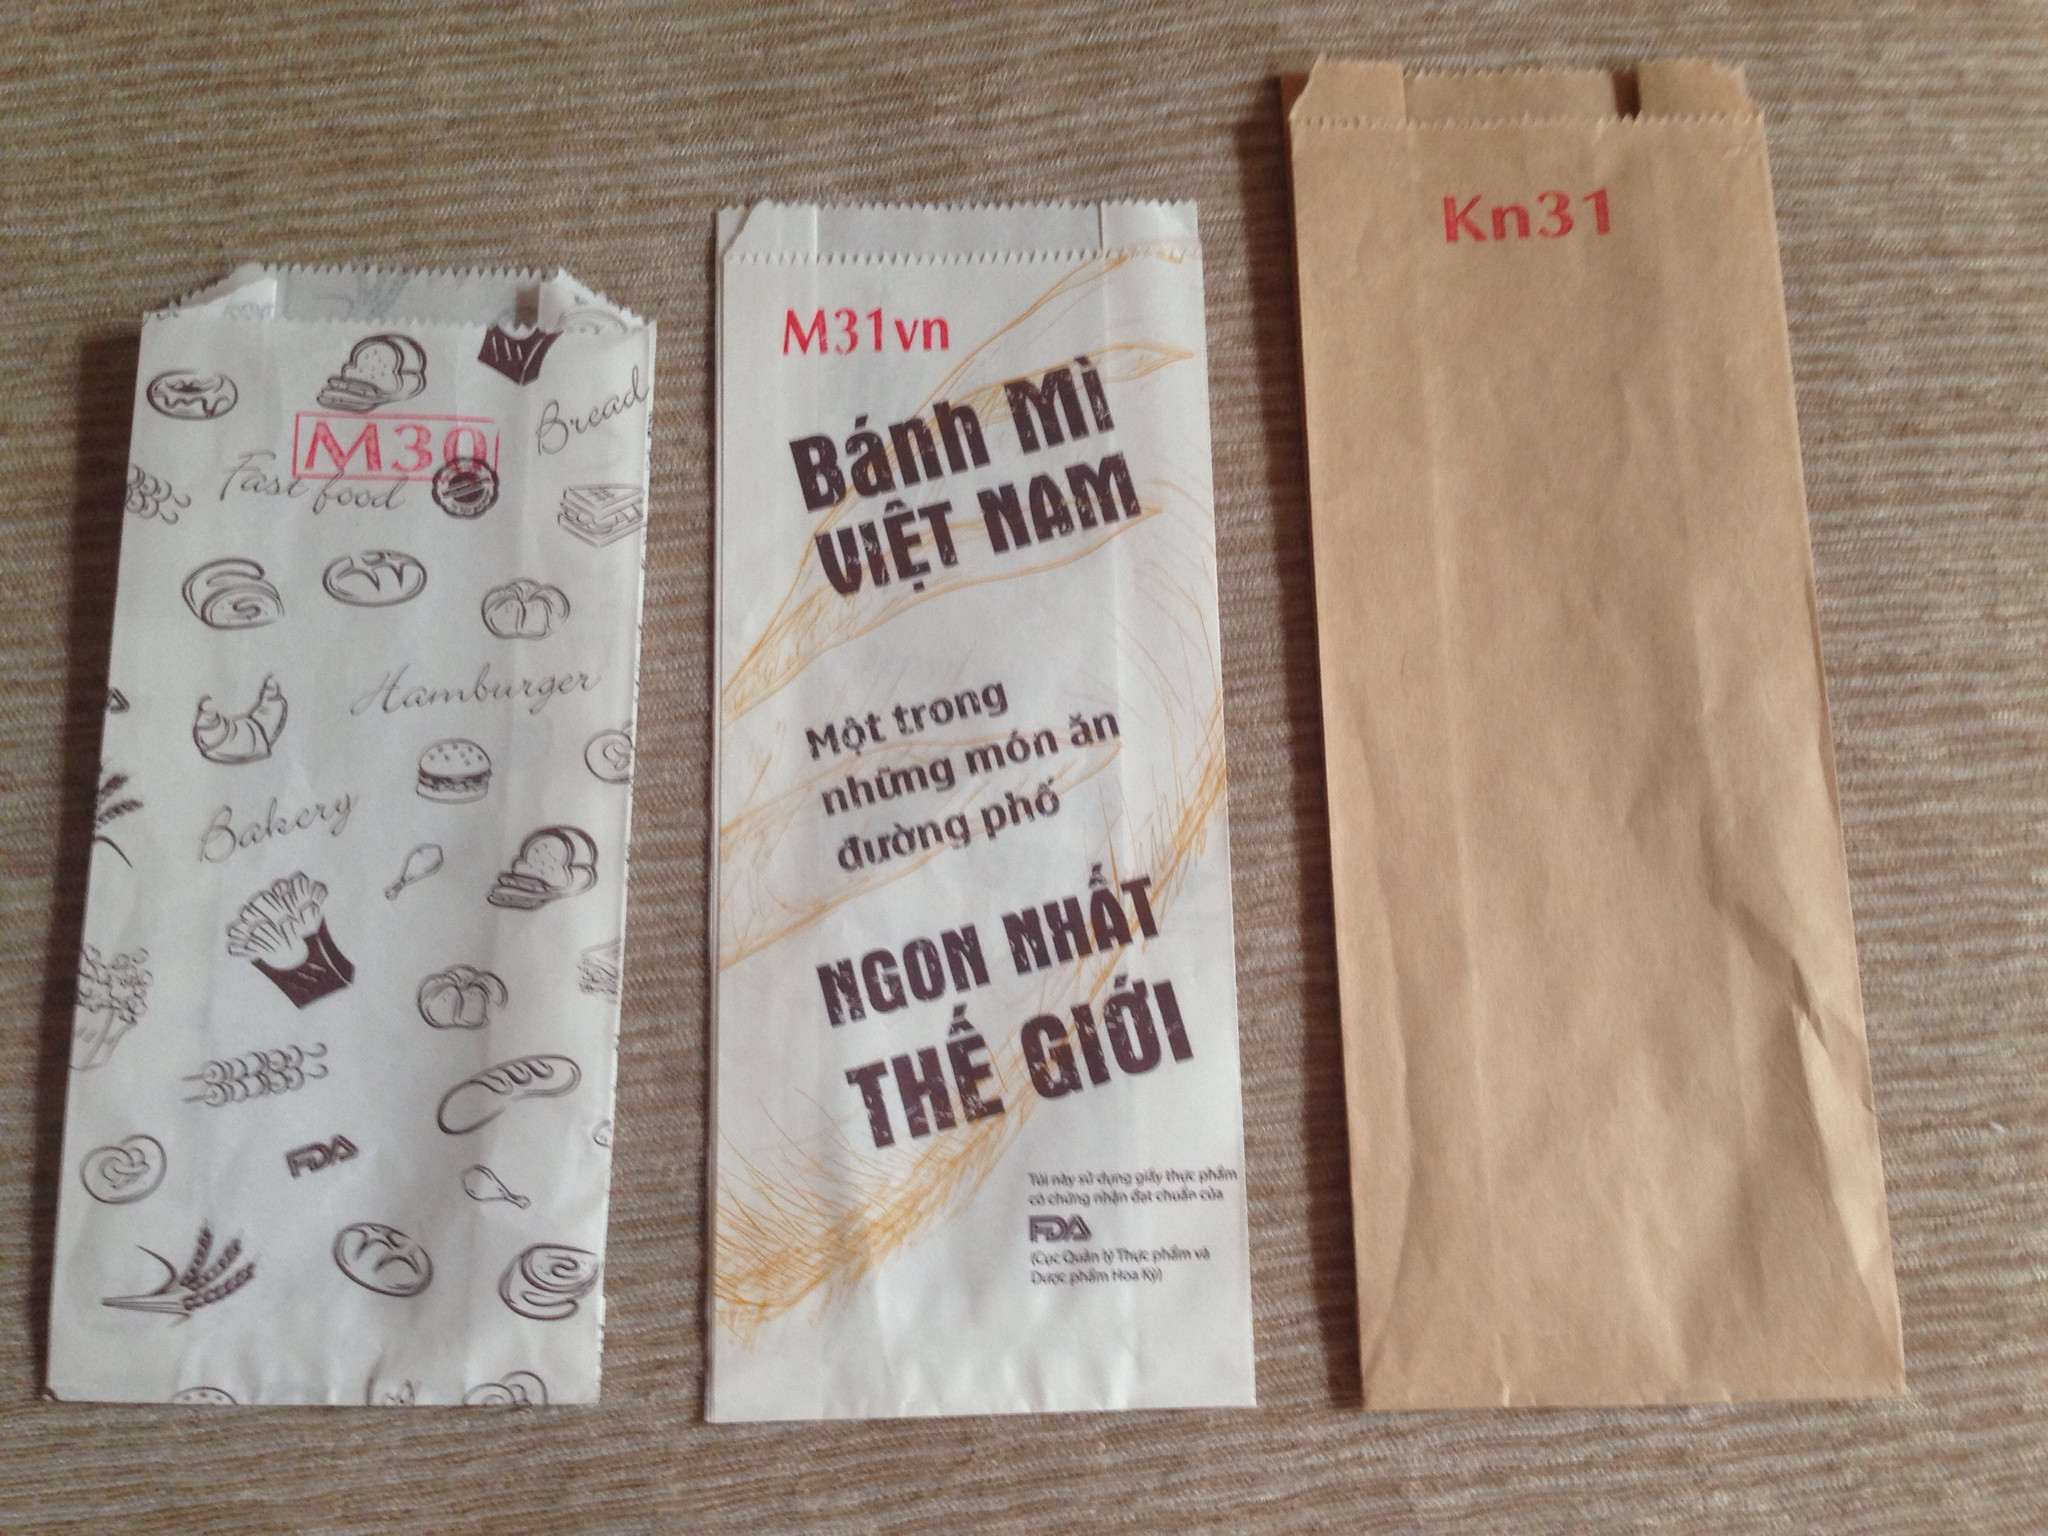 Túi giấy in sẵn, tui giay in san, tui giay co san, bao bi in san, bao bì in sẵn, túi bánh mì in sẵn